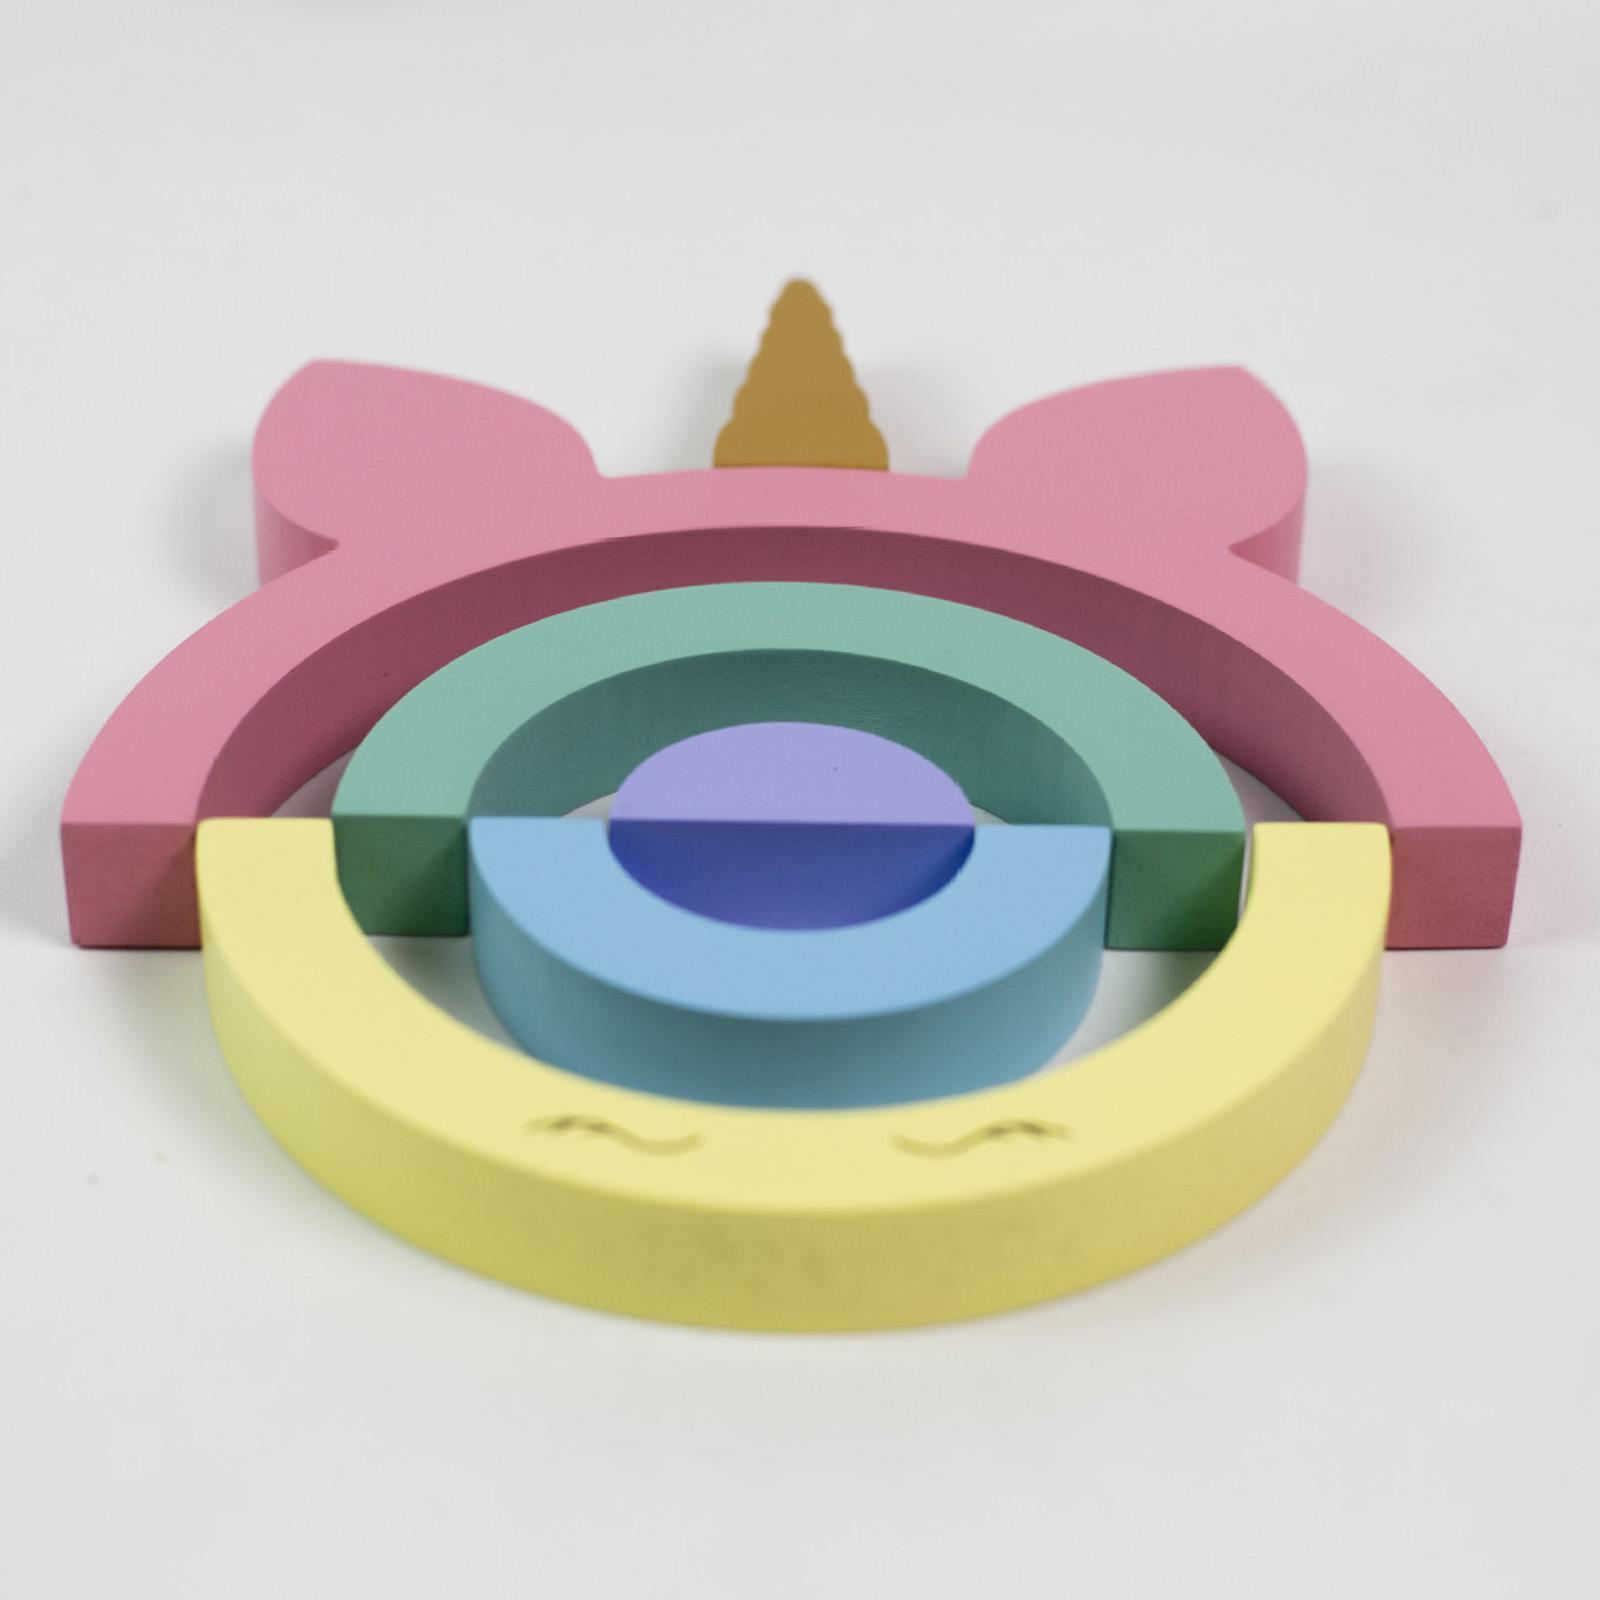 miniature 12 - Blocs de construction d'empilage coloré en bois créatif jouet de bébé Montes